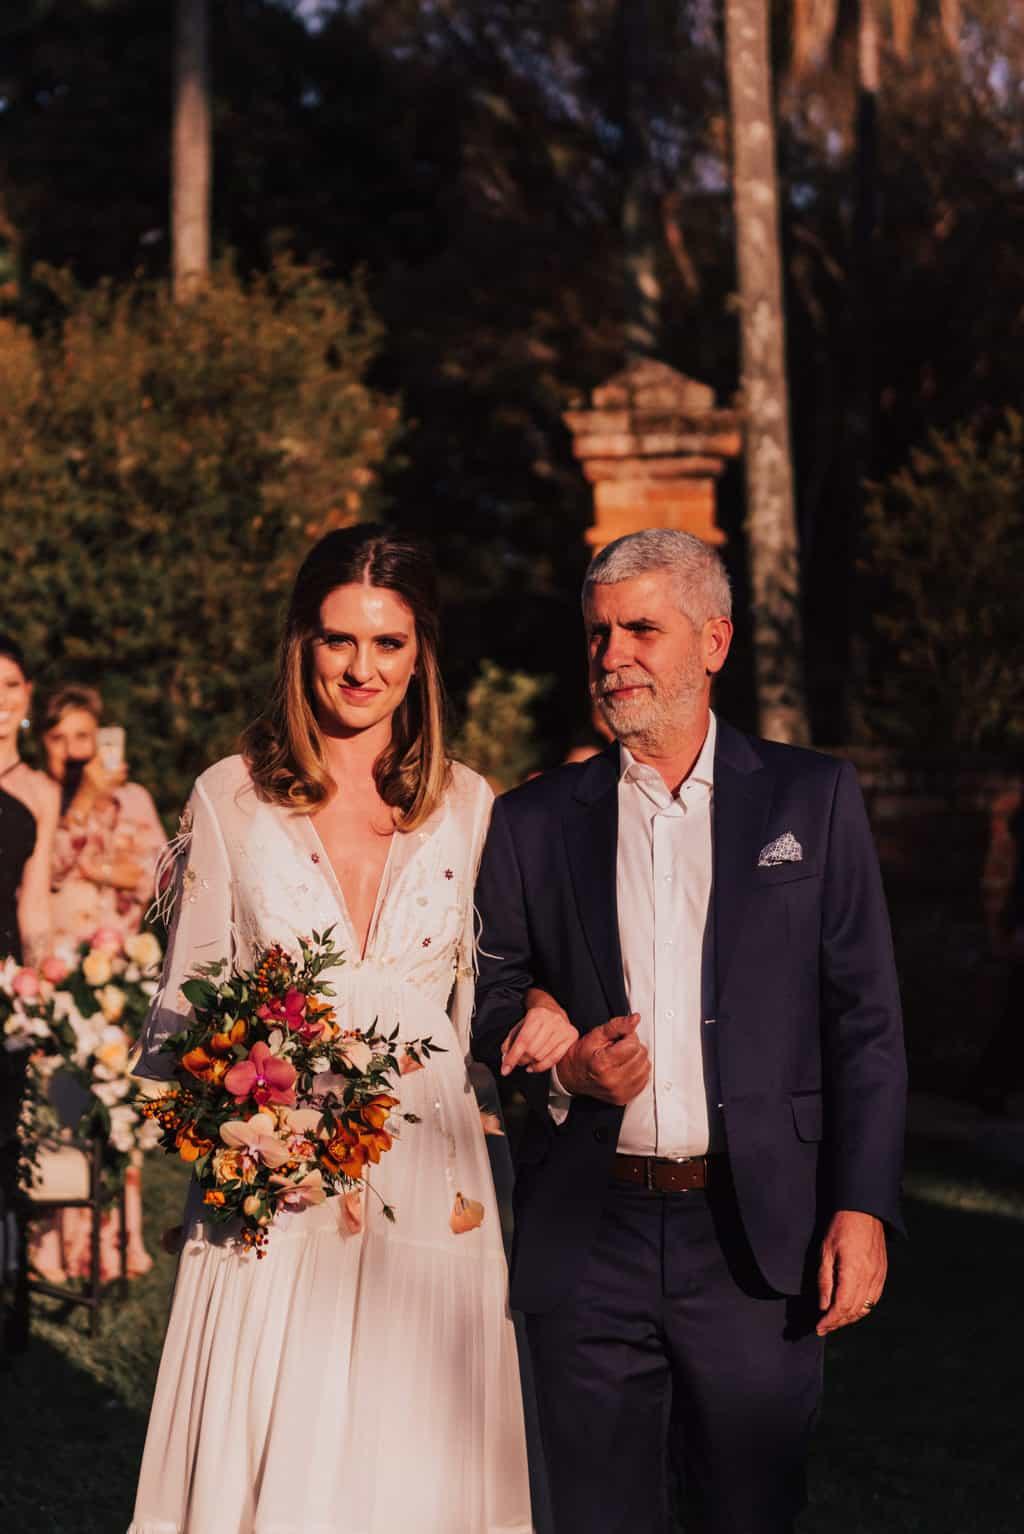 Casamento-Isadora-e-Gabriel-Fotografia-Mana-GolloIG510